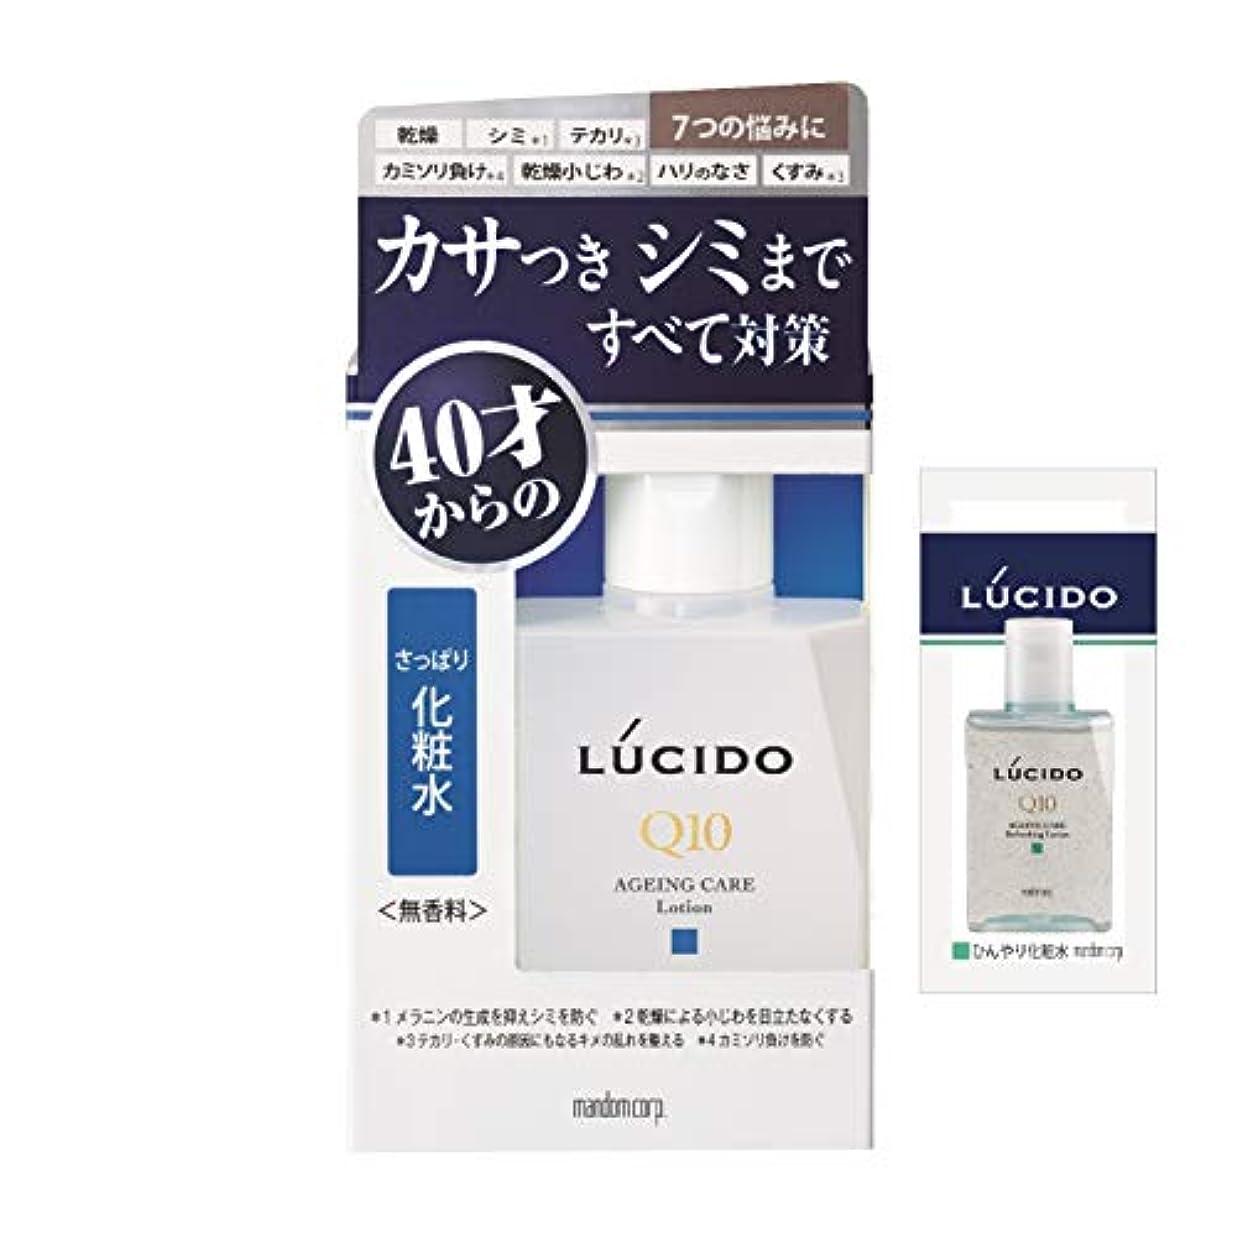 湾にはまって独特の【Amazon.co.jp 限定】 ルシード(LUCIDO) 薬用トータルケア化粧水 メンズ スキンケア さっぱり 110ml(医薬部外品)サンプル付